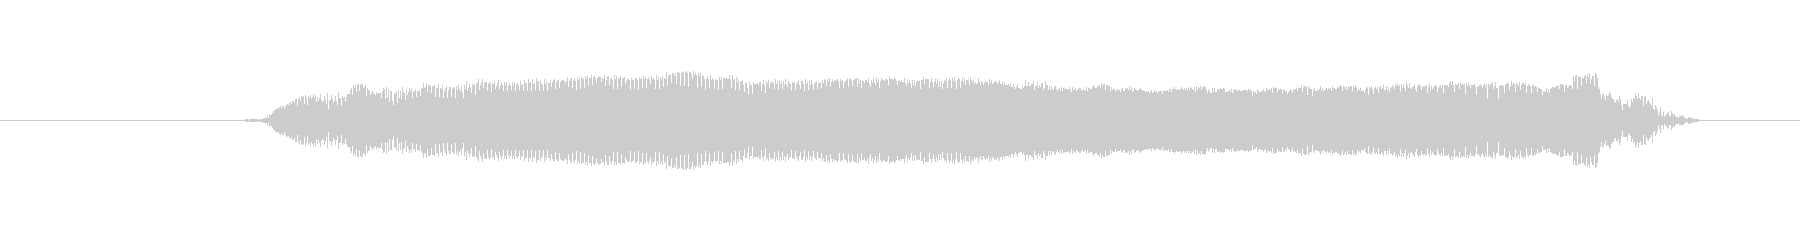 鳥 の 獲物 イーグルコール04の未再生の波形